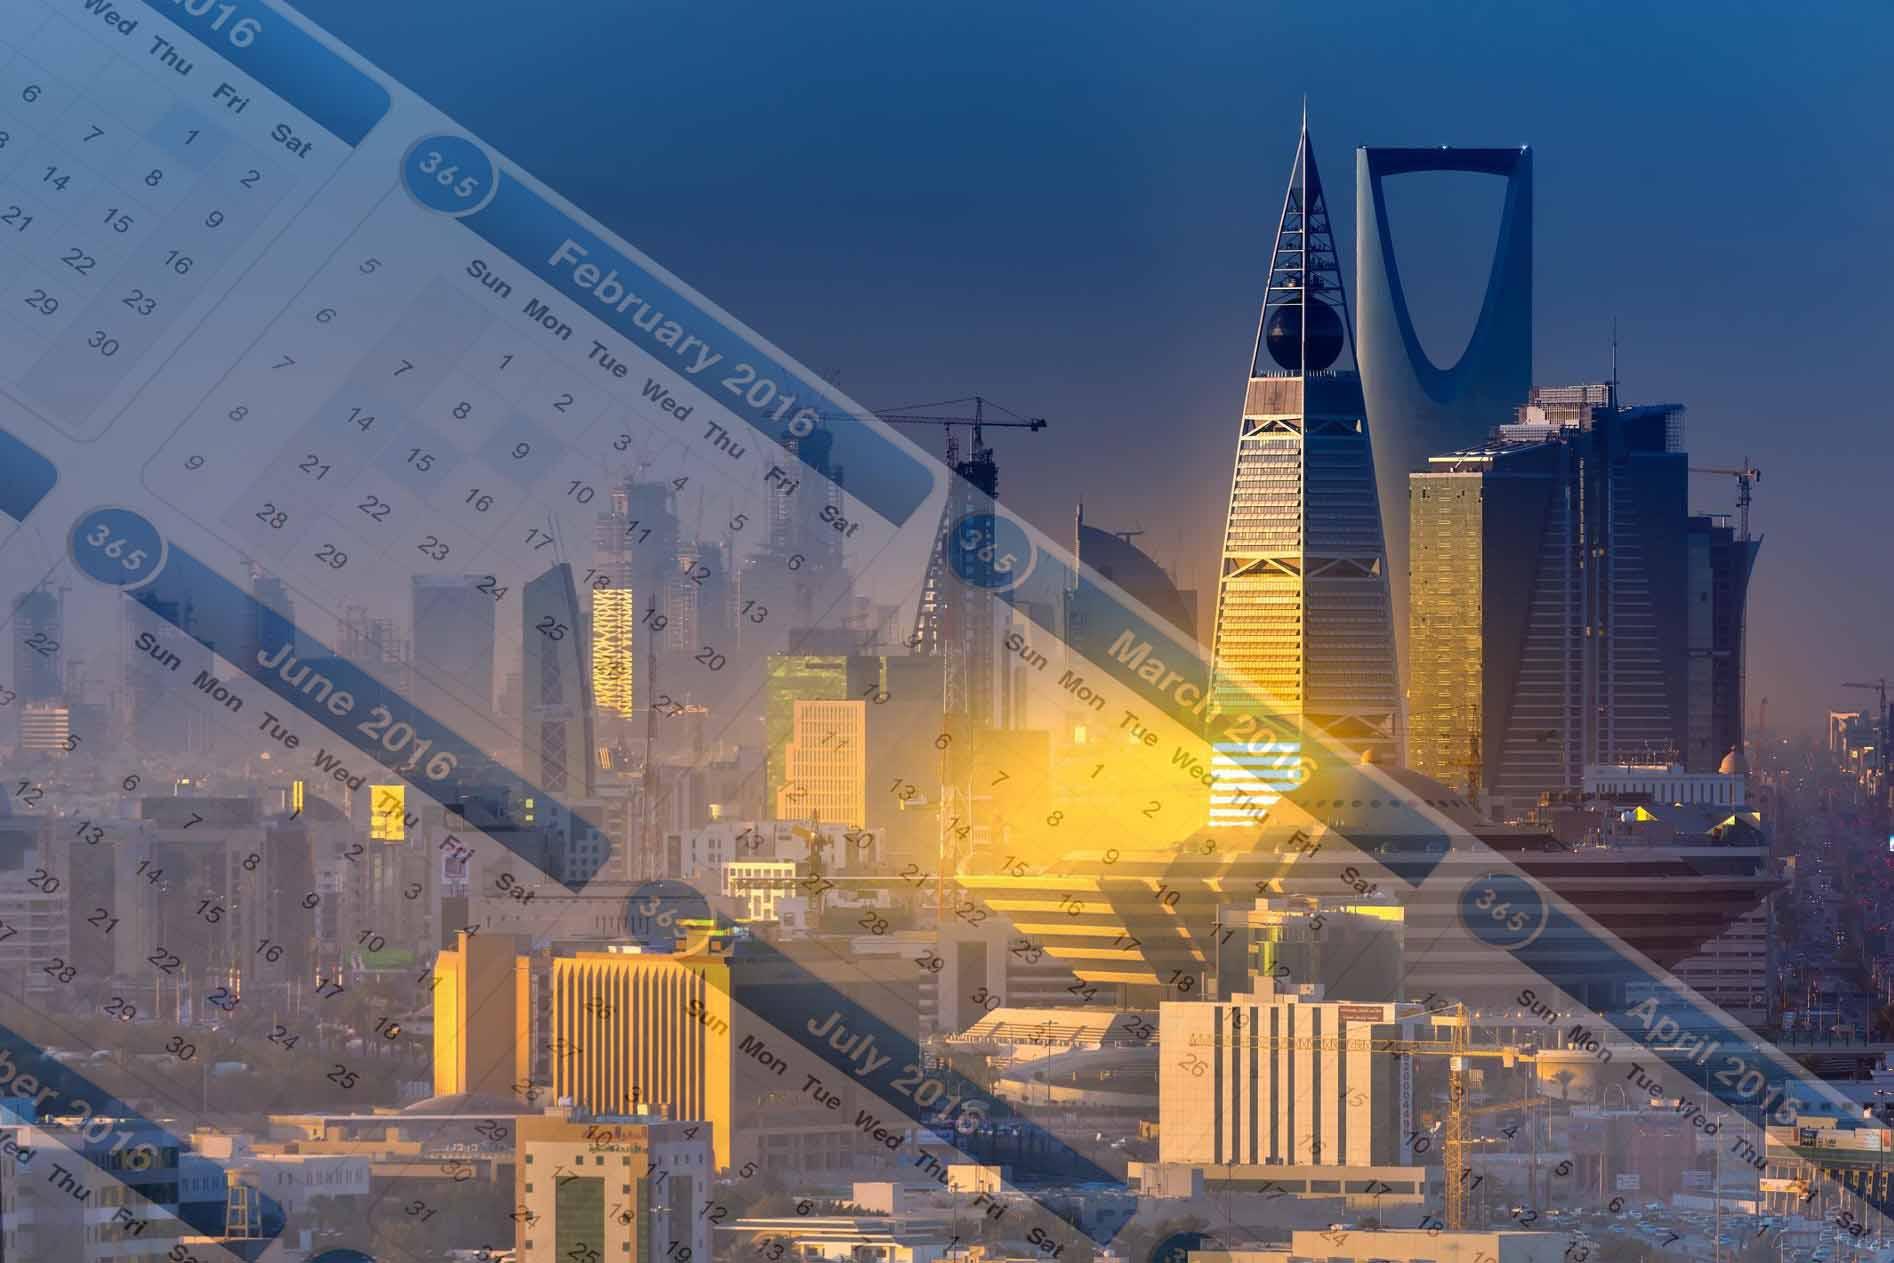 السعودية تبدأ العمل بـالتقويم «الميلادي» بدلًا من «الهجري»